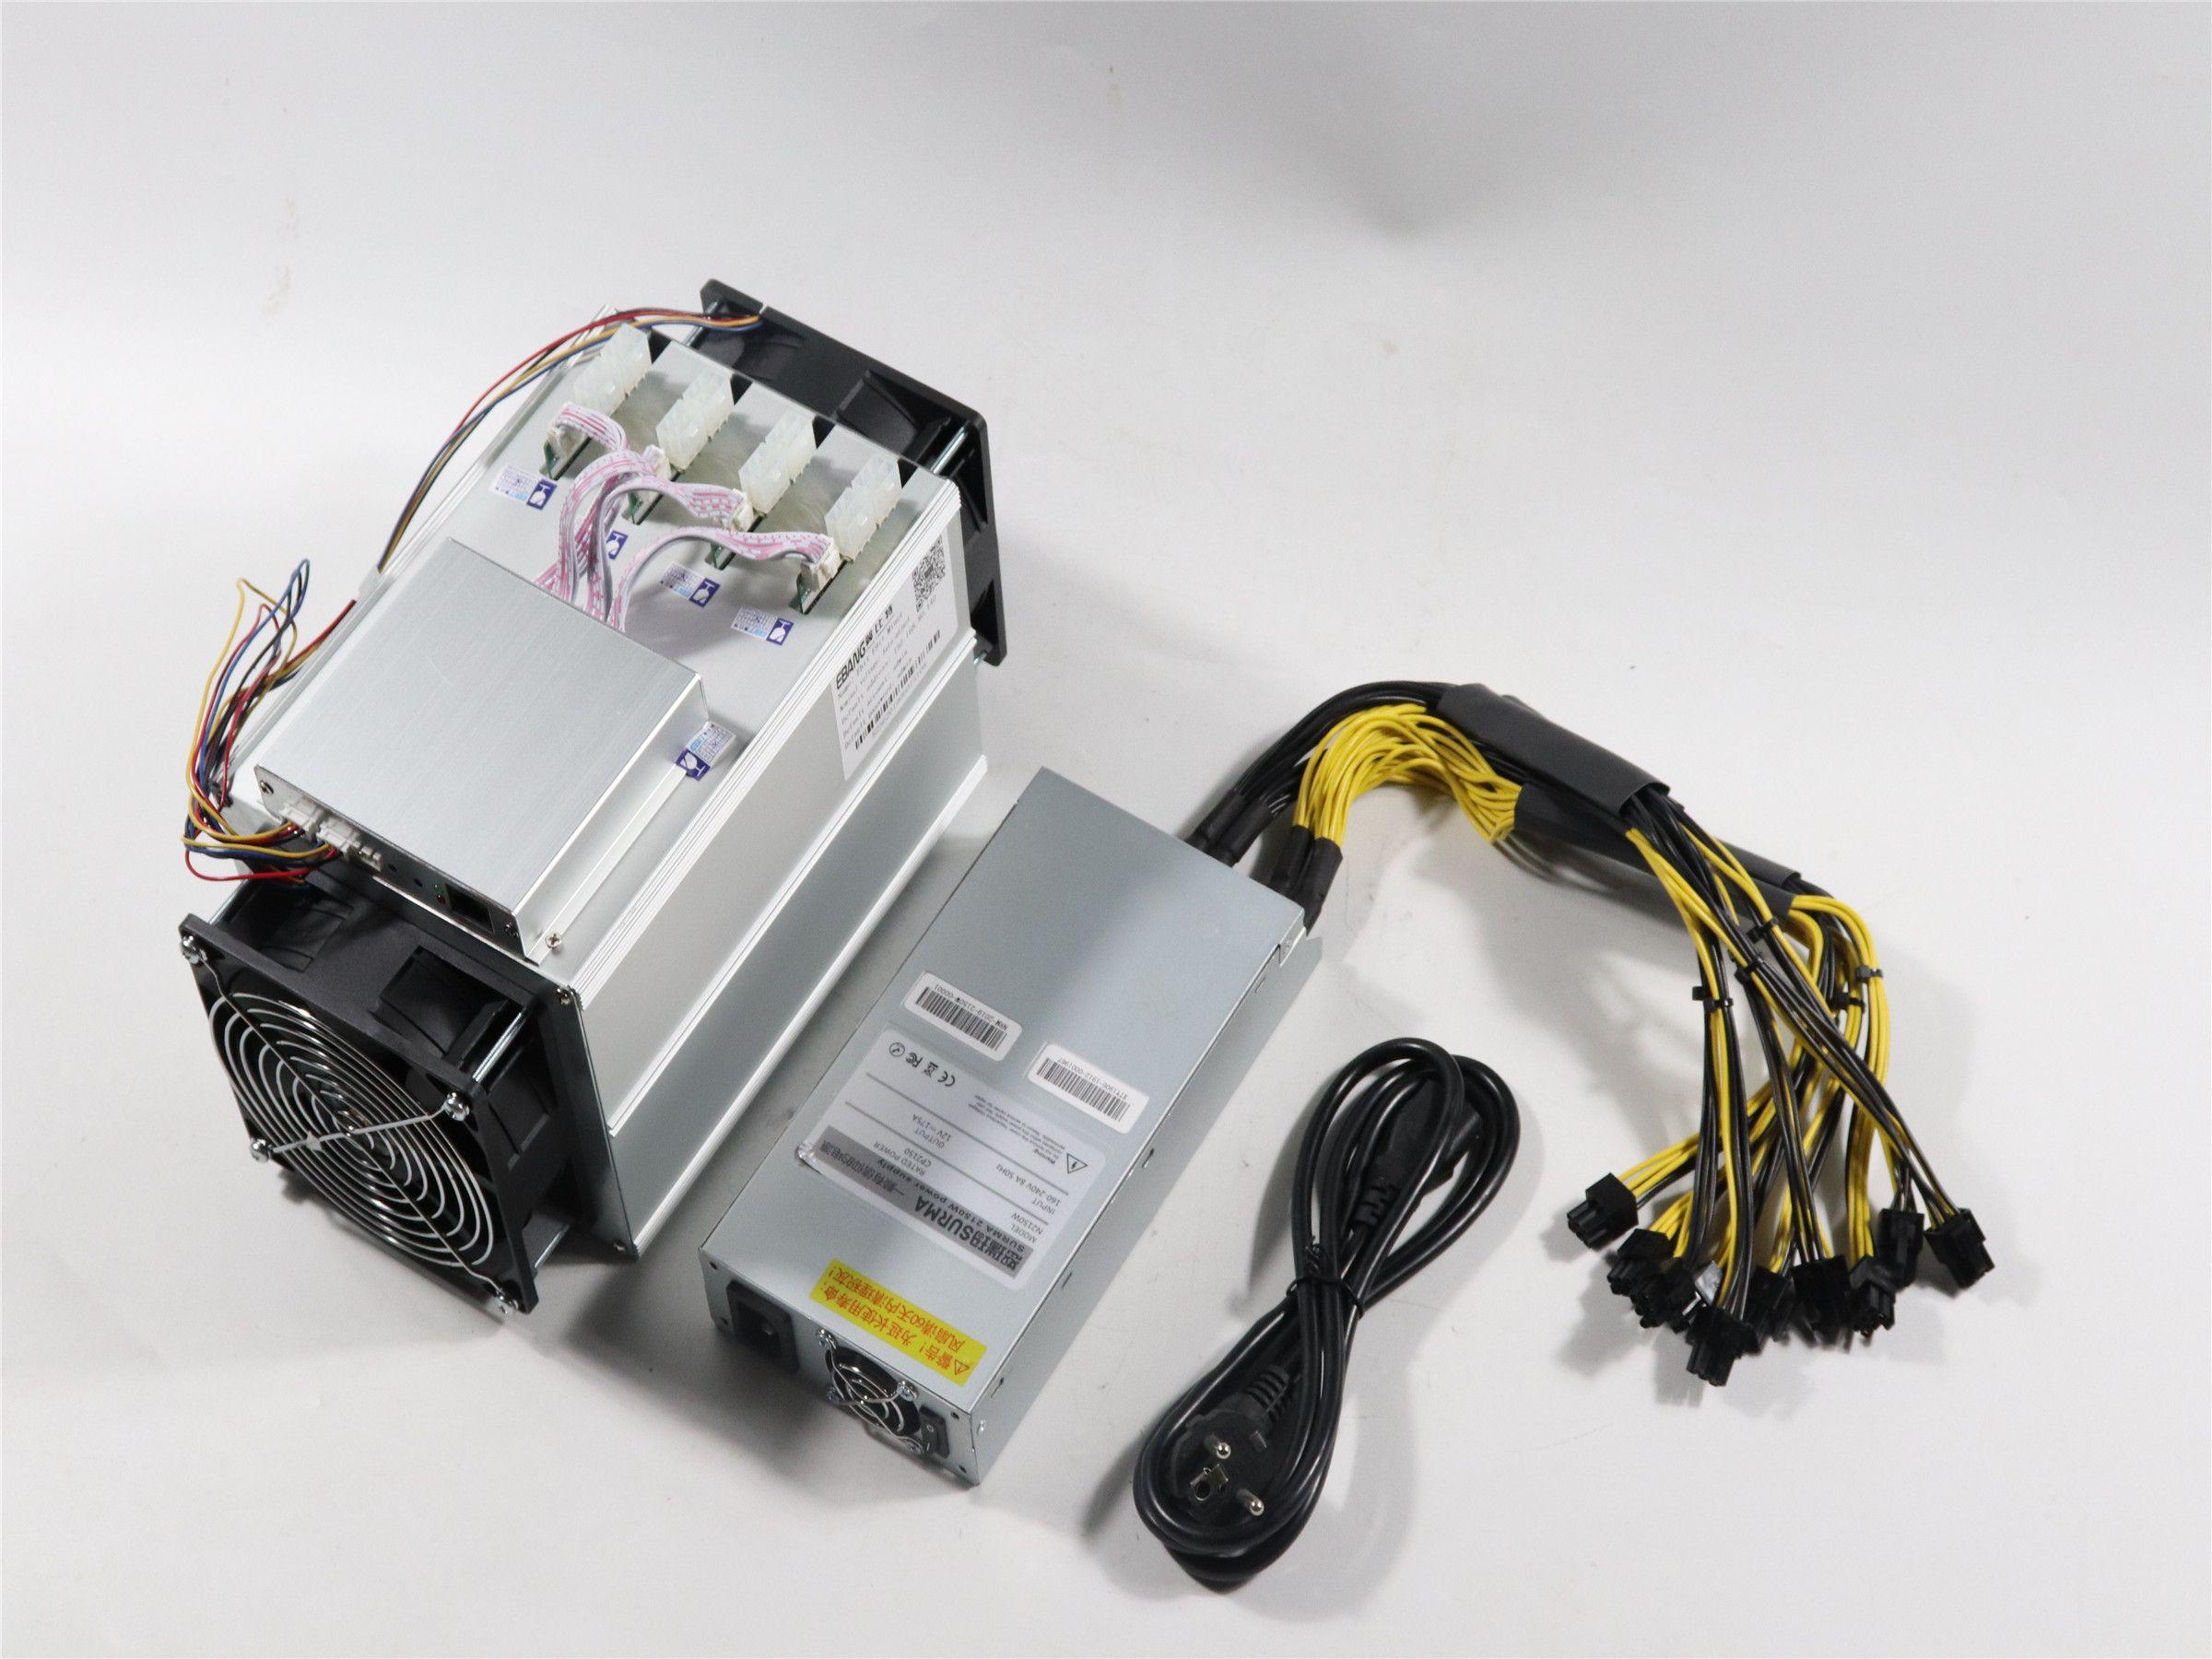 Neue Btc BCH Miner Ebit E9i 13,5 t Mit NETZTEIL Wirtschafts Als Antminer S9 S9j T9 + S11 Z9 WhatsMiner m3